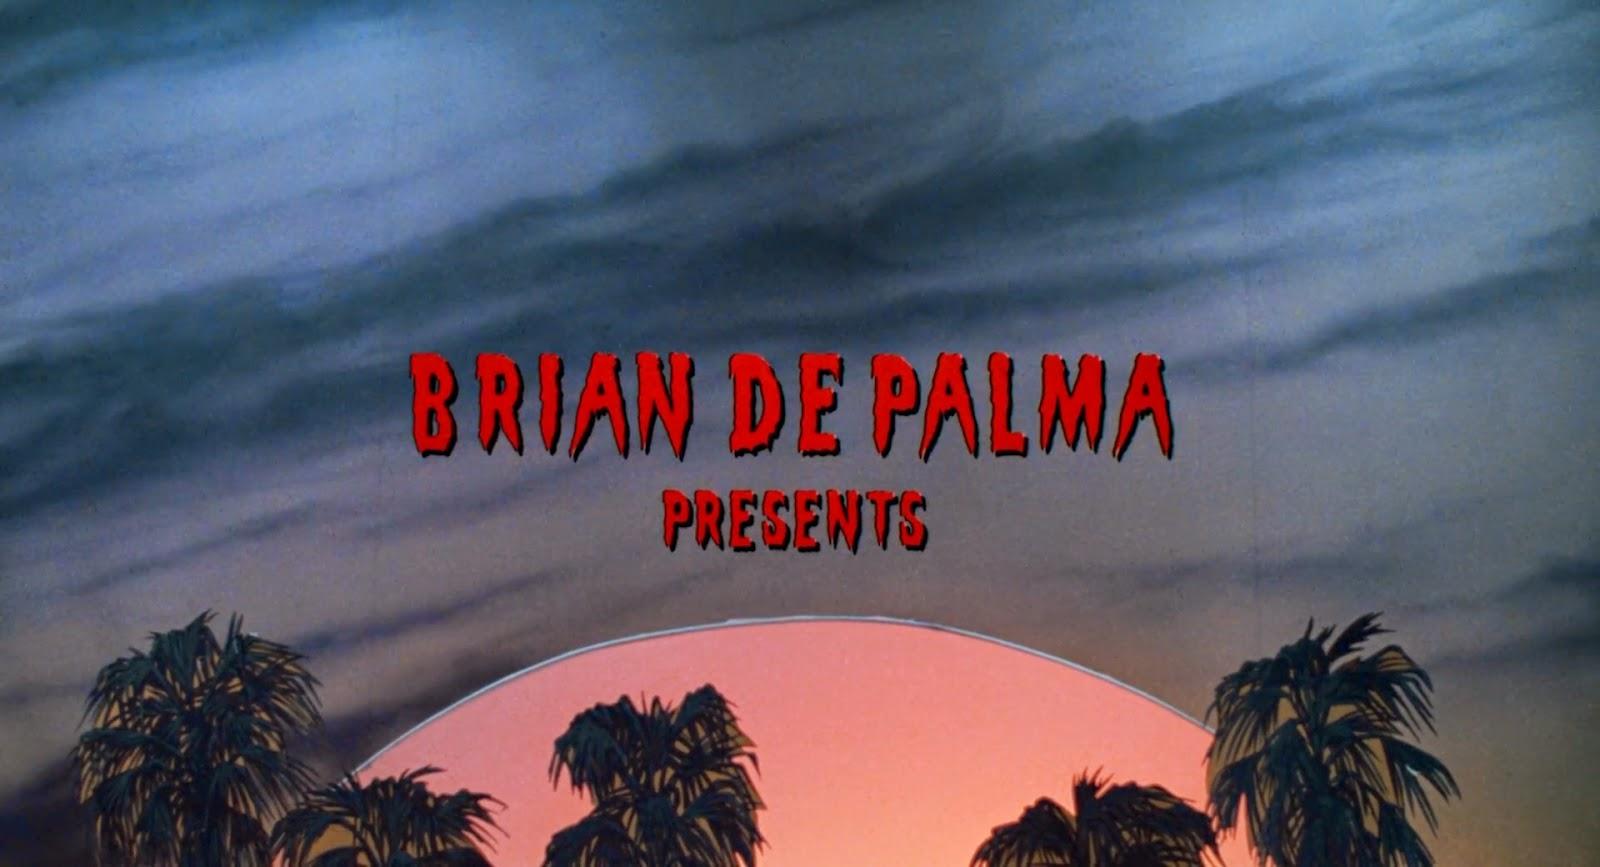 Body double (Brian De Palma, 1981).